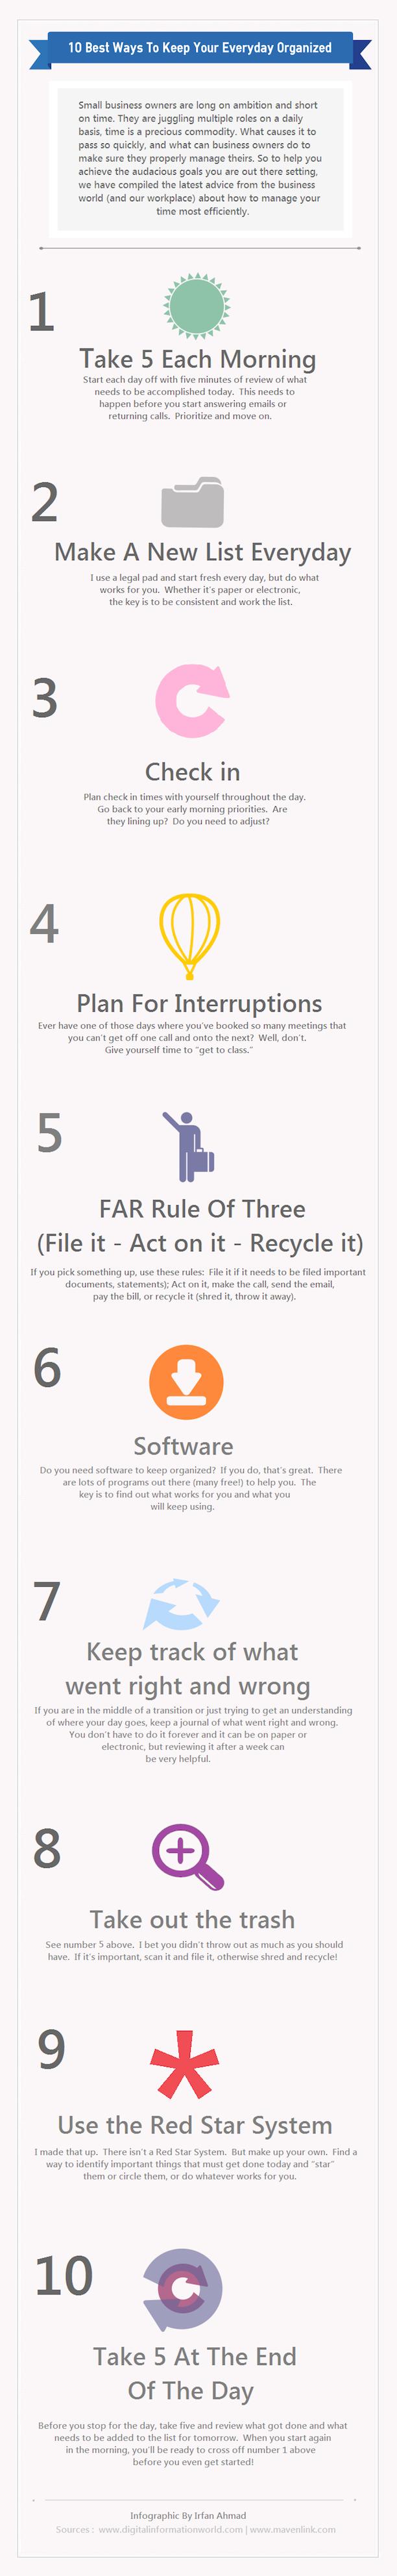 best ways to keep organized